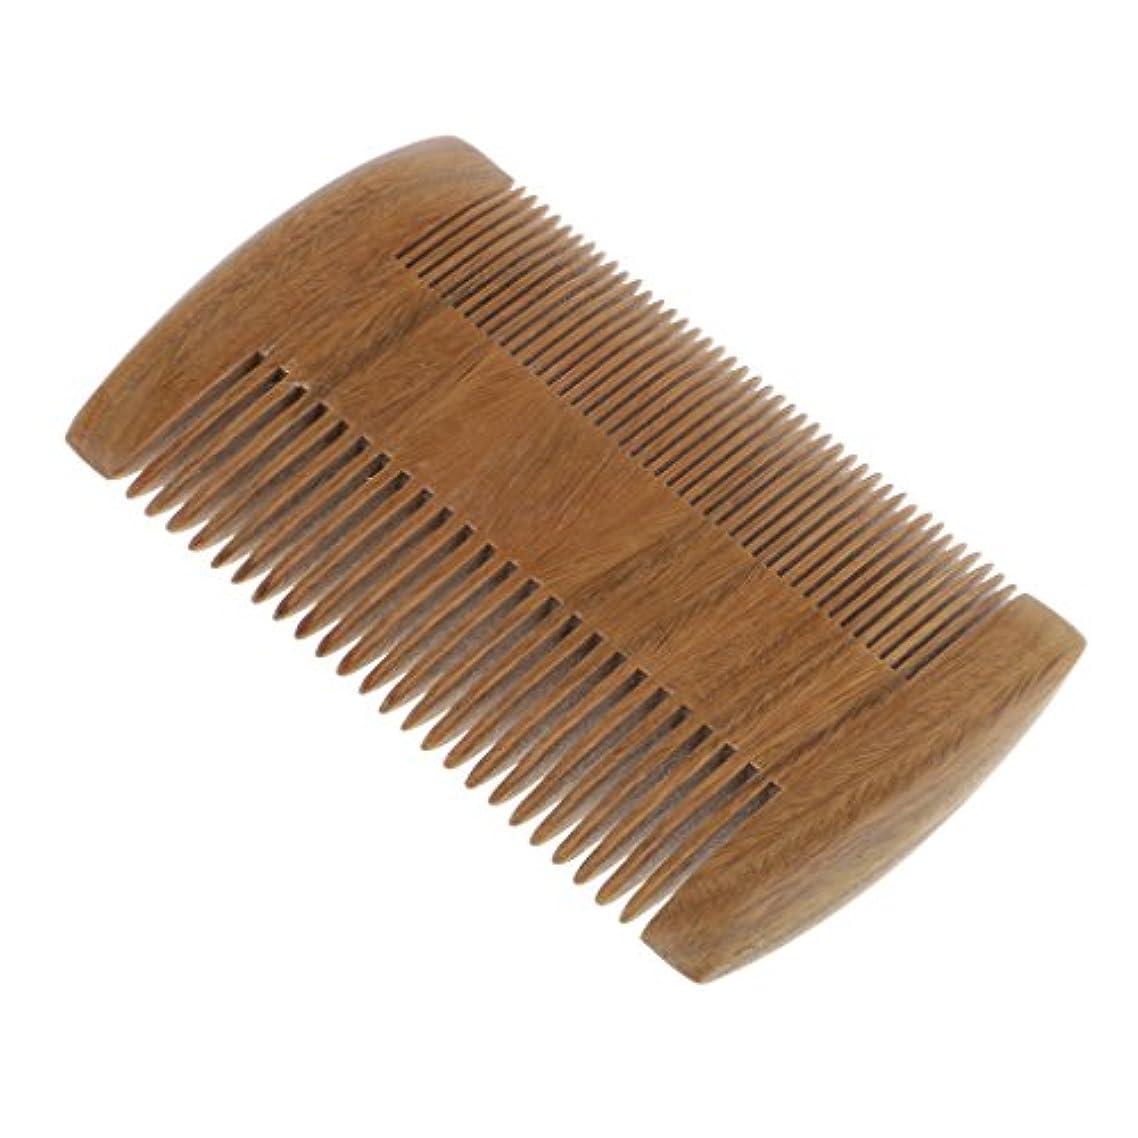 ギャザープレゼンテーション孤児自然な緑の白檀の木製の櫛マッサージ手作りの髪の櫛静的でない - 9.7x6 cm